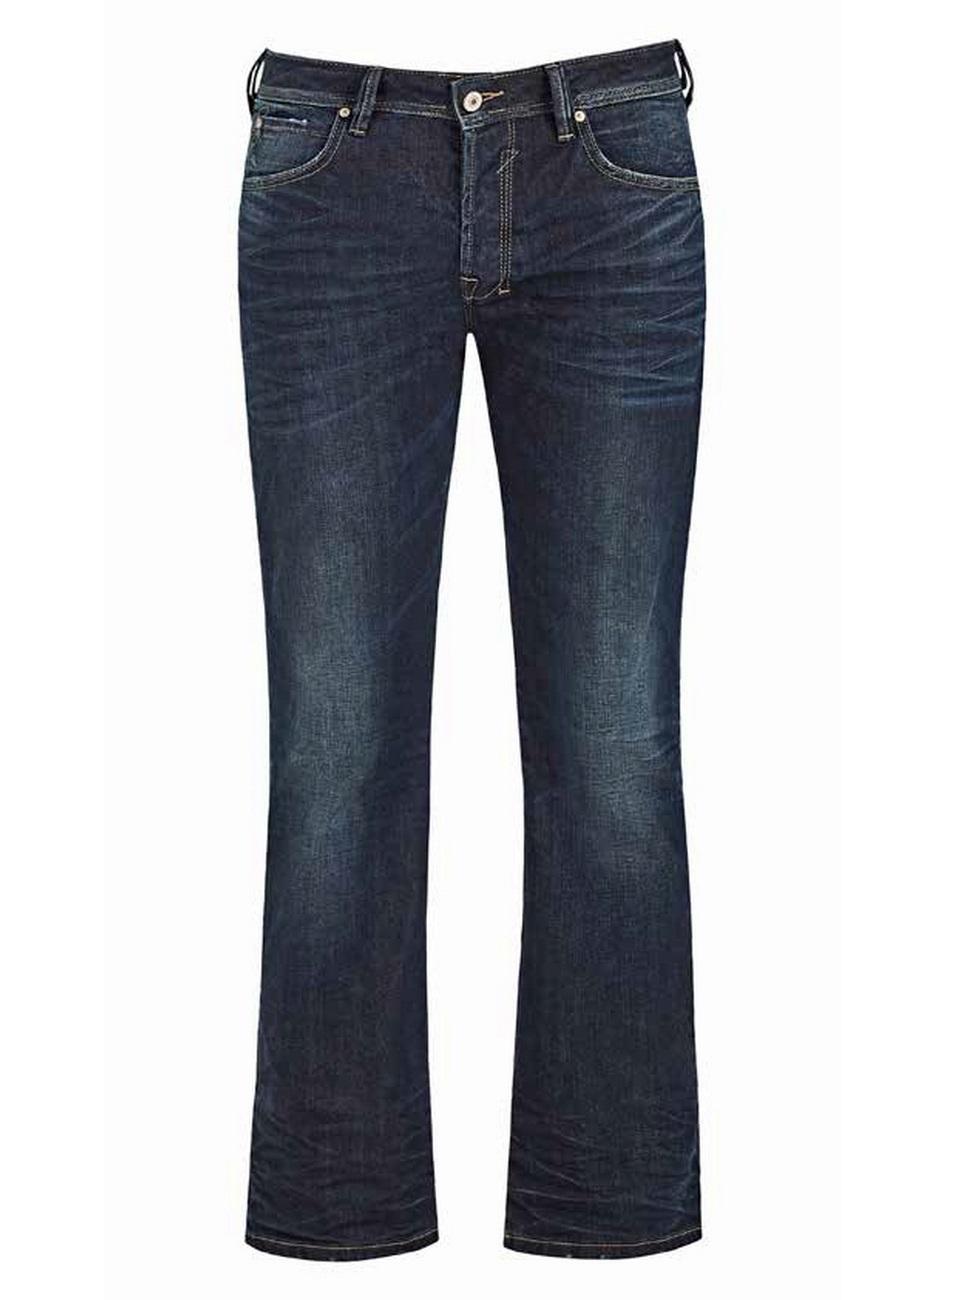 ltb herren jeans roden bootcut blau murton wash kaufen. Black Bedroom Furniture Sets. Home Design Ideas